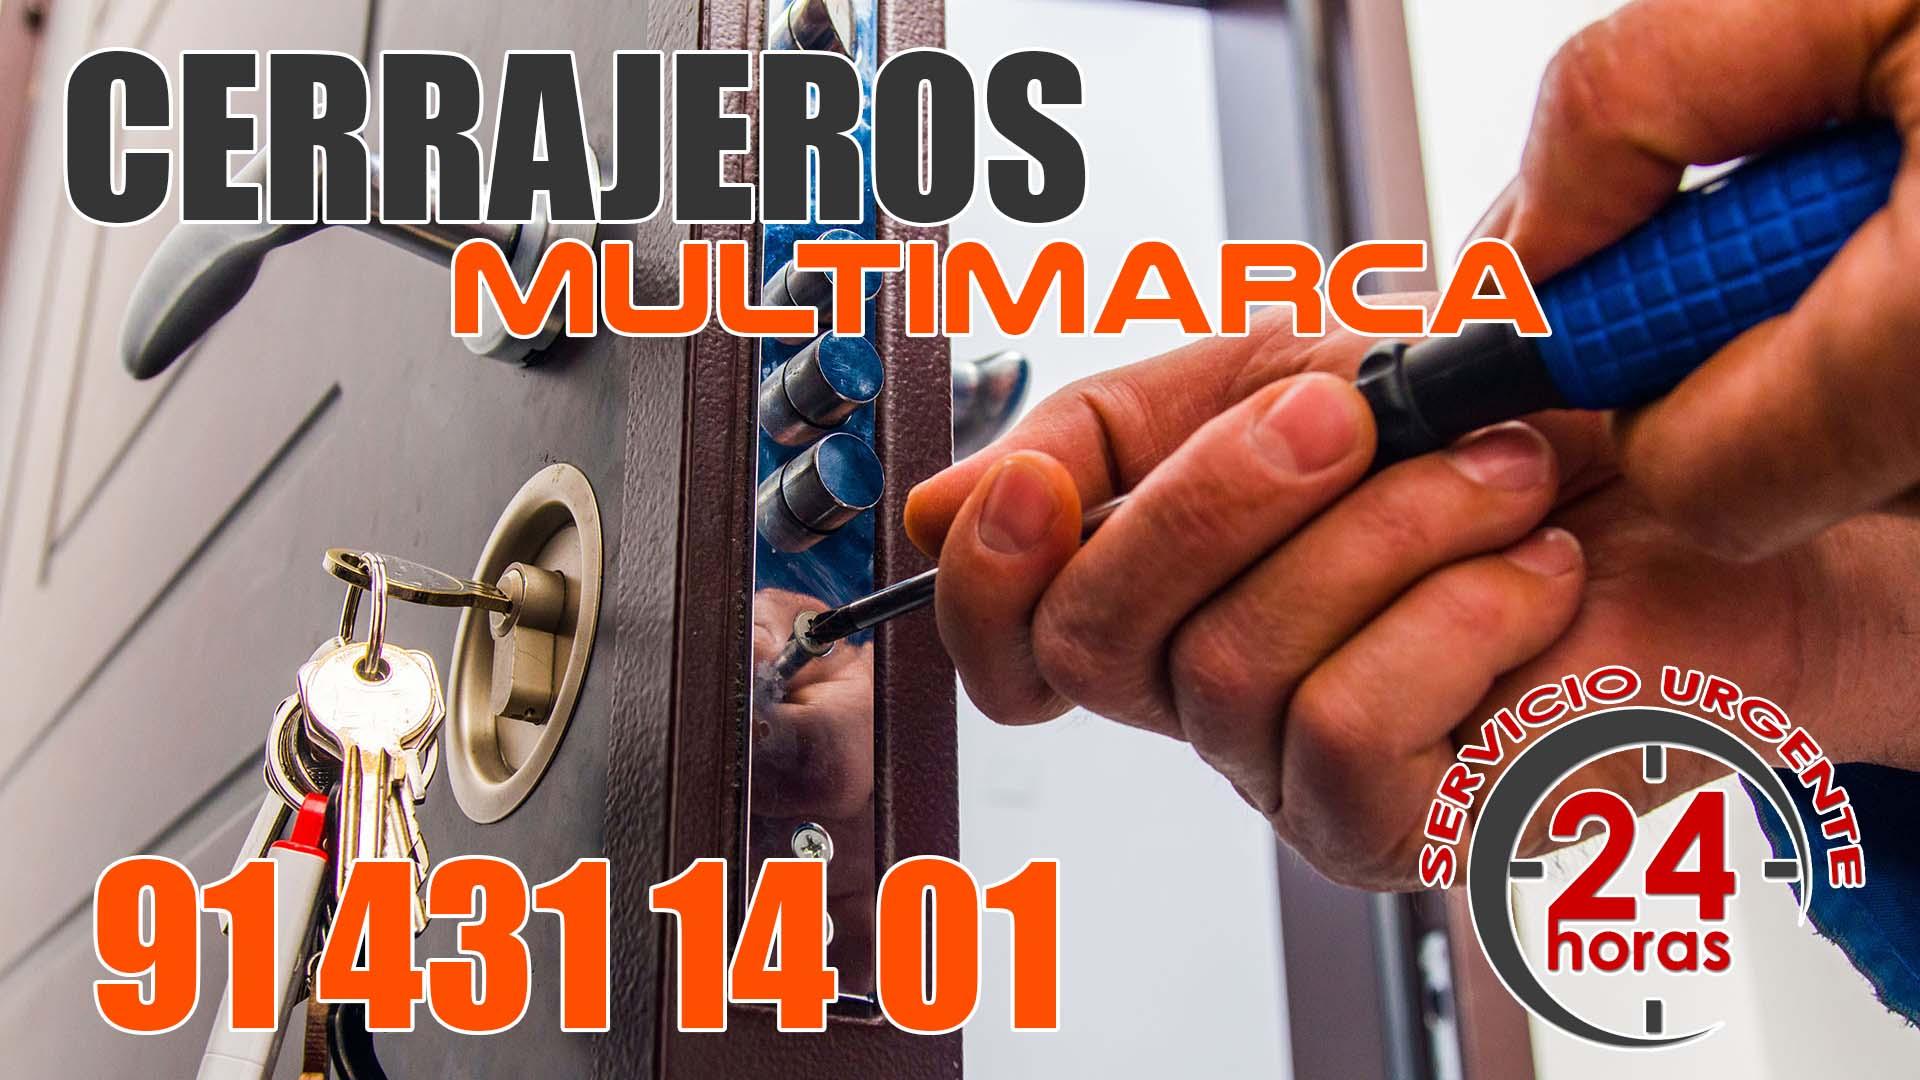 Cerrajeros en Madrid Multimarca Fichet Kiuso Continox